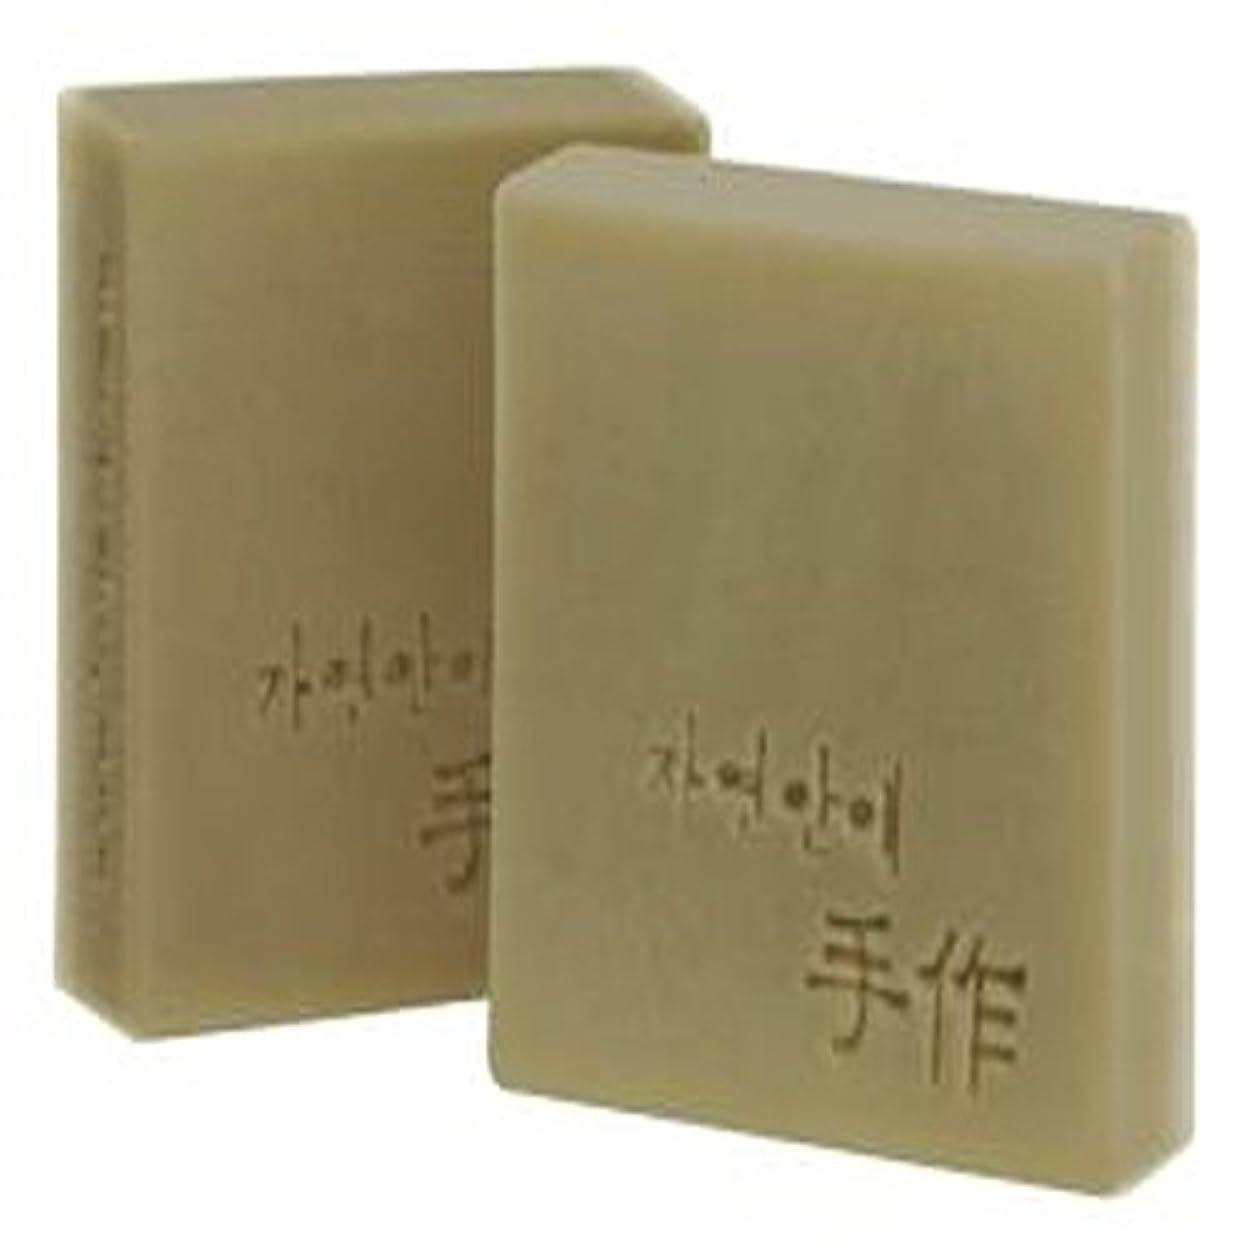 隣接内訳応じるNatural organic 有機天然ソープ 固形 無添加 洗顔せっけんクレンジング 石鹸 [並行輸入品] (穀物)